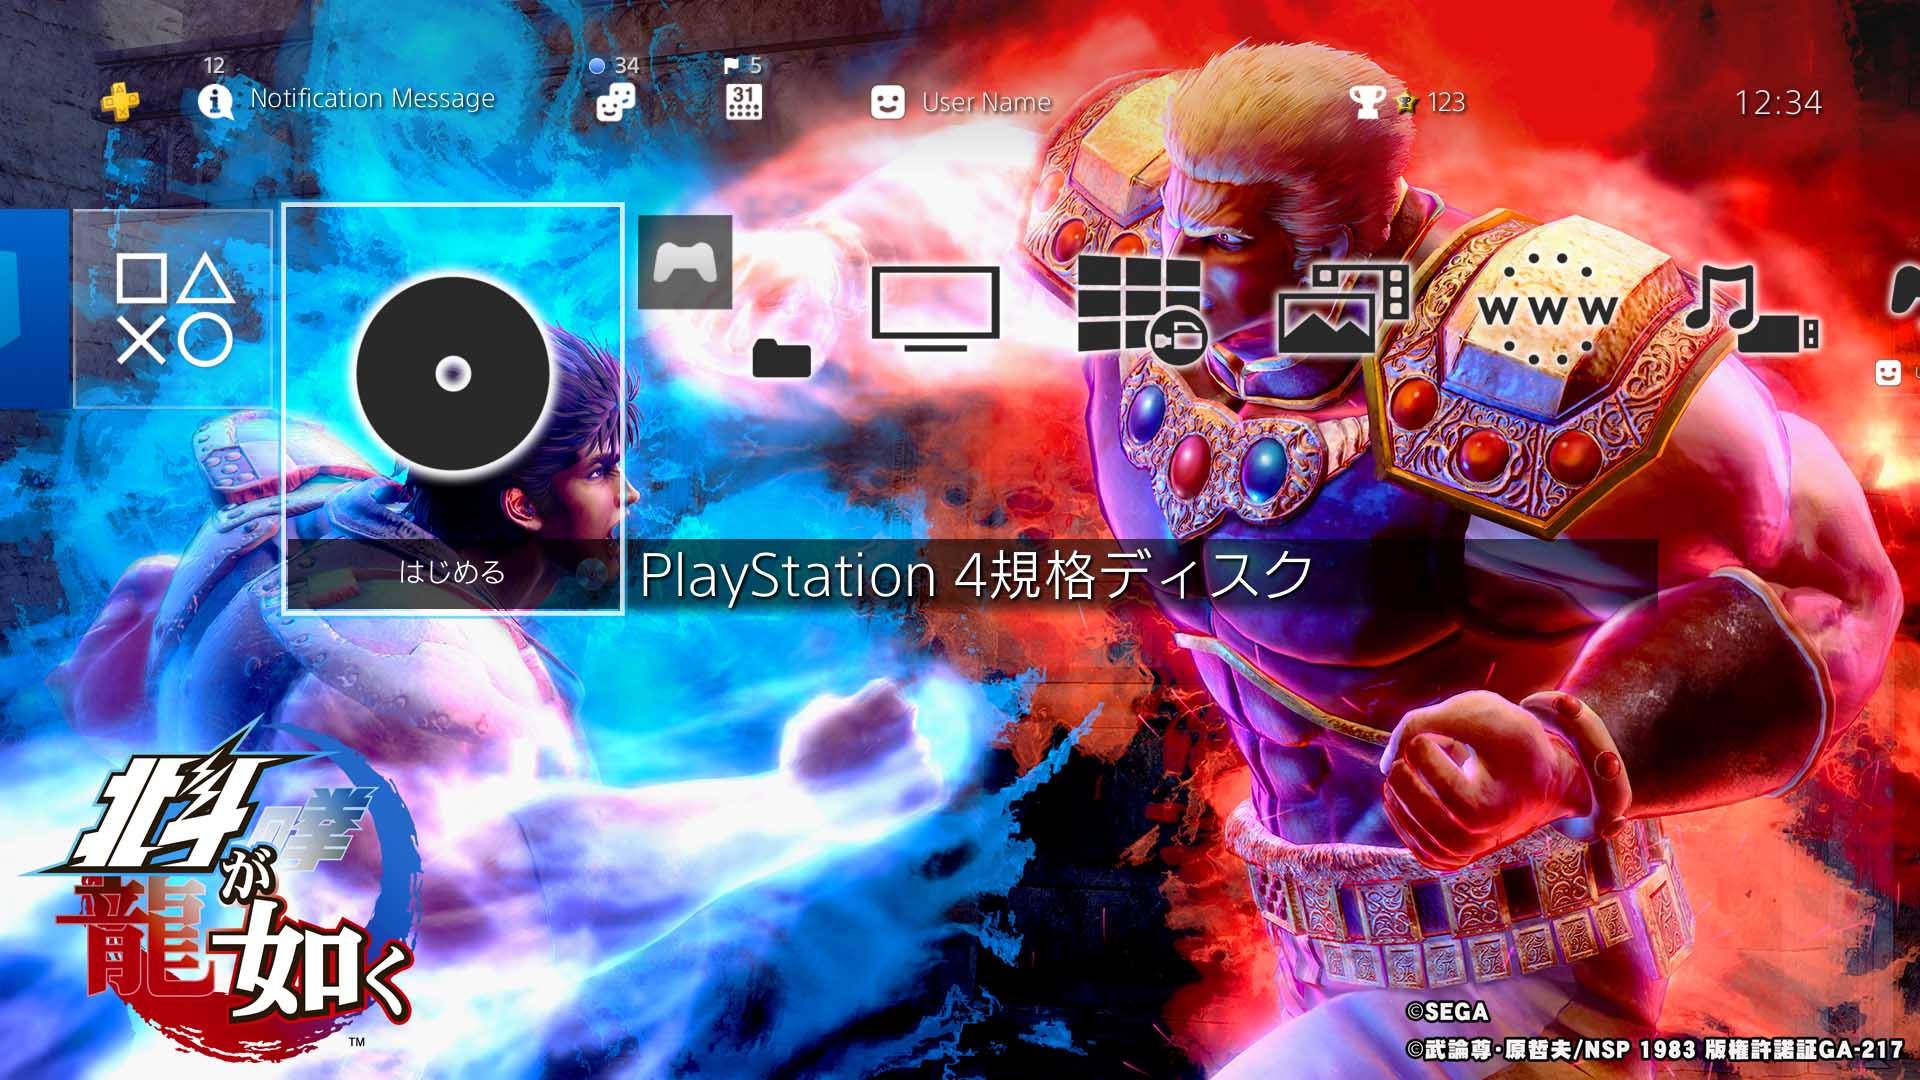 北斗が如く PS4®用テーマ「ラオウ」 | 公式PlayStation™Store 日本